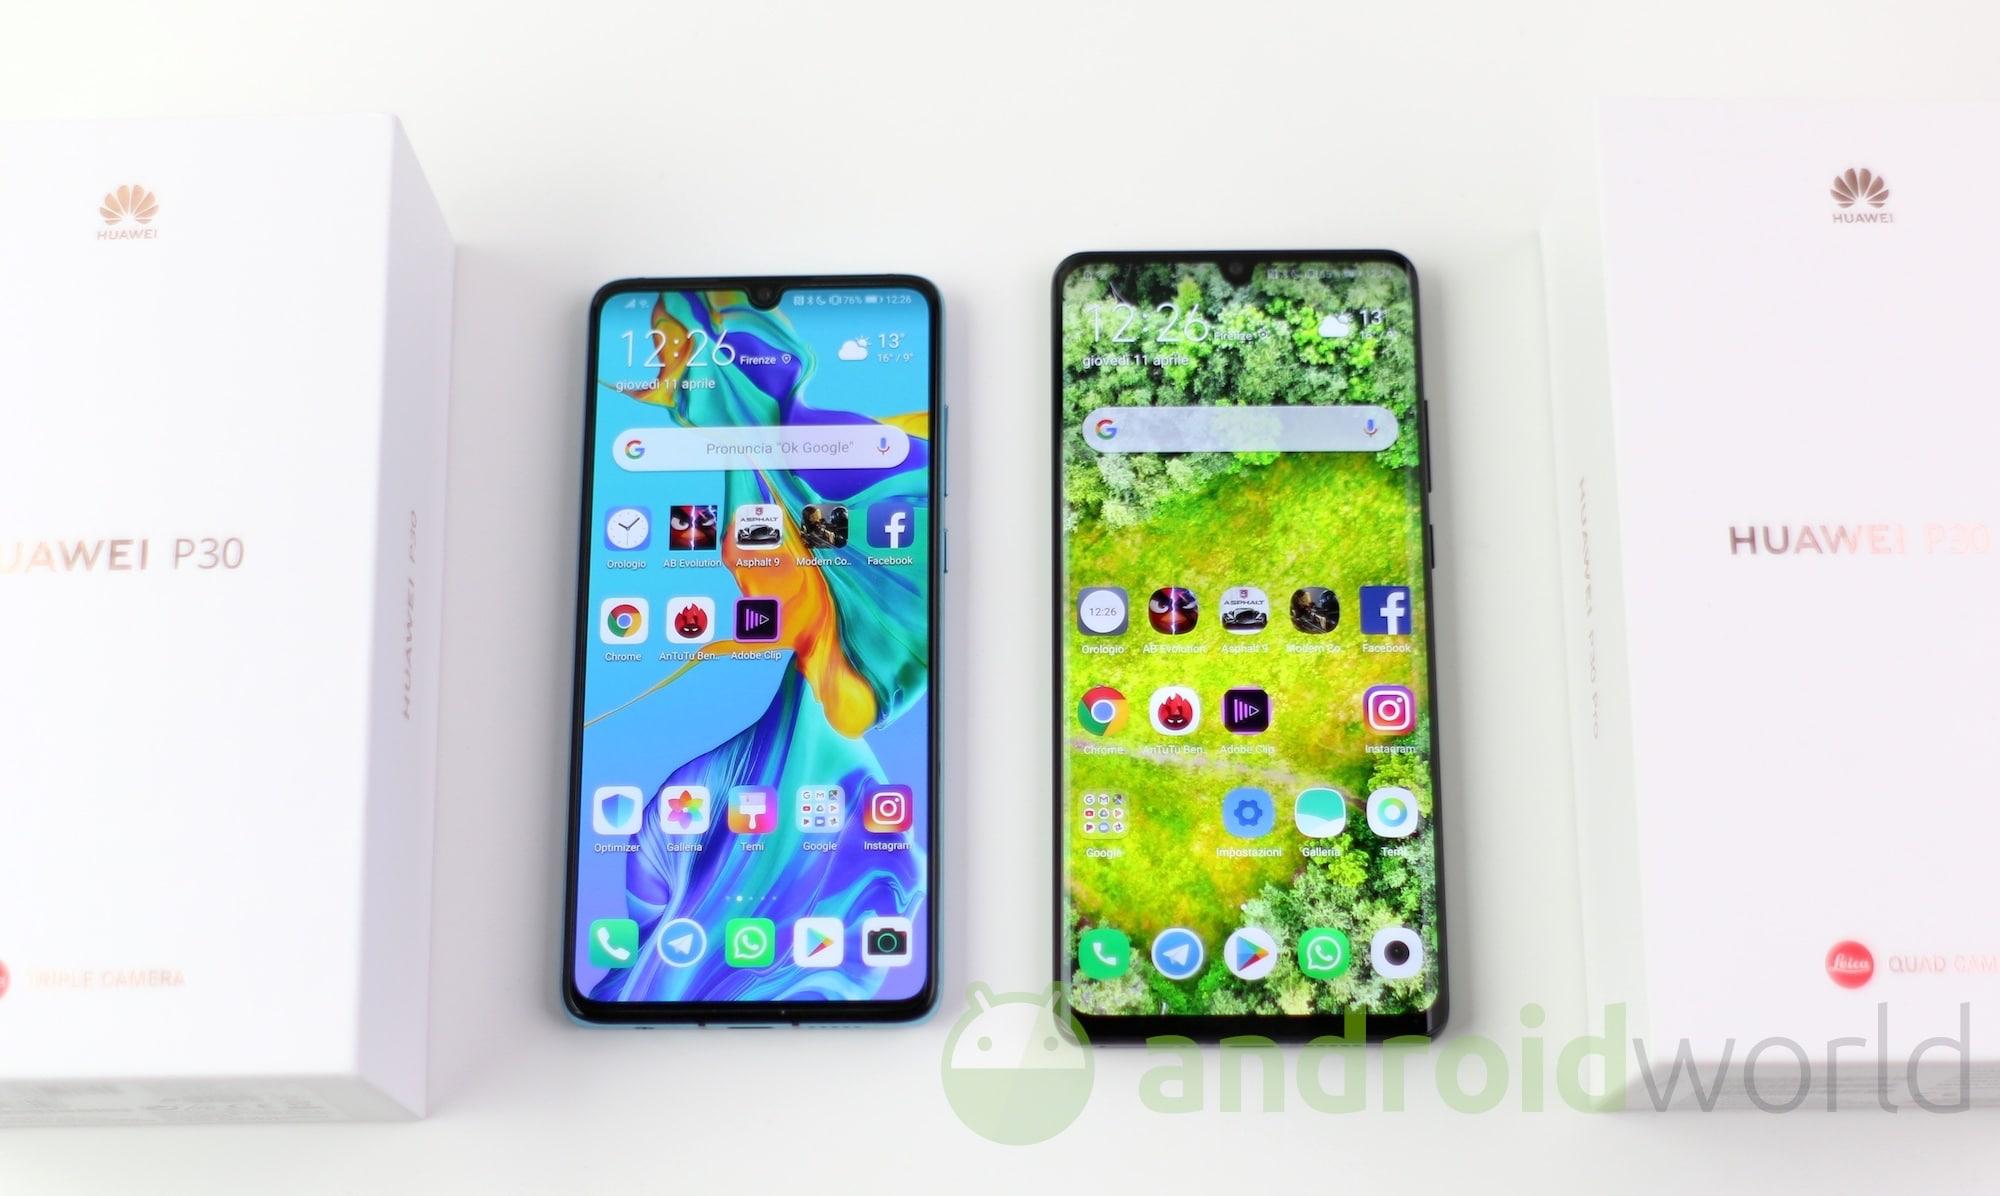 Alcuni Huawei P30 Pro con la beta di Android 10 hanno problemi con SafetyNet